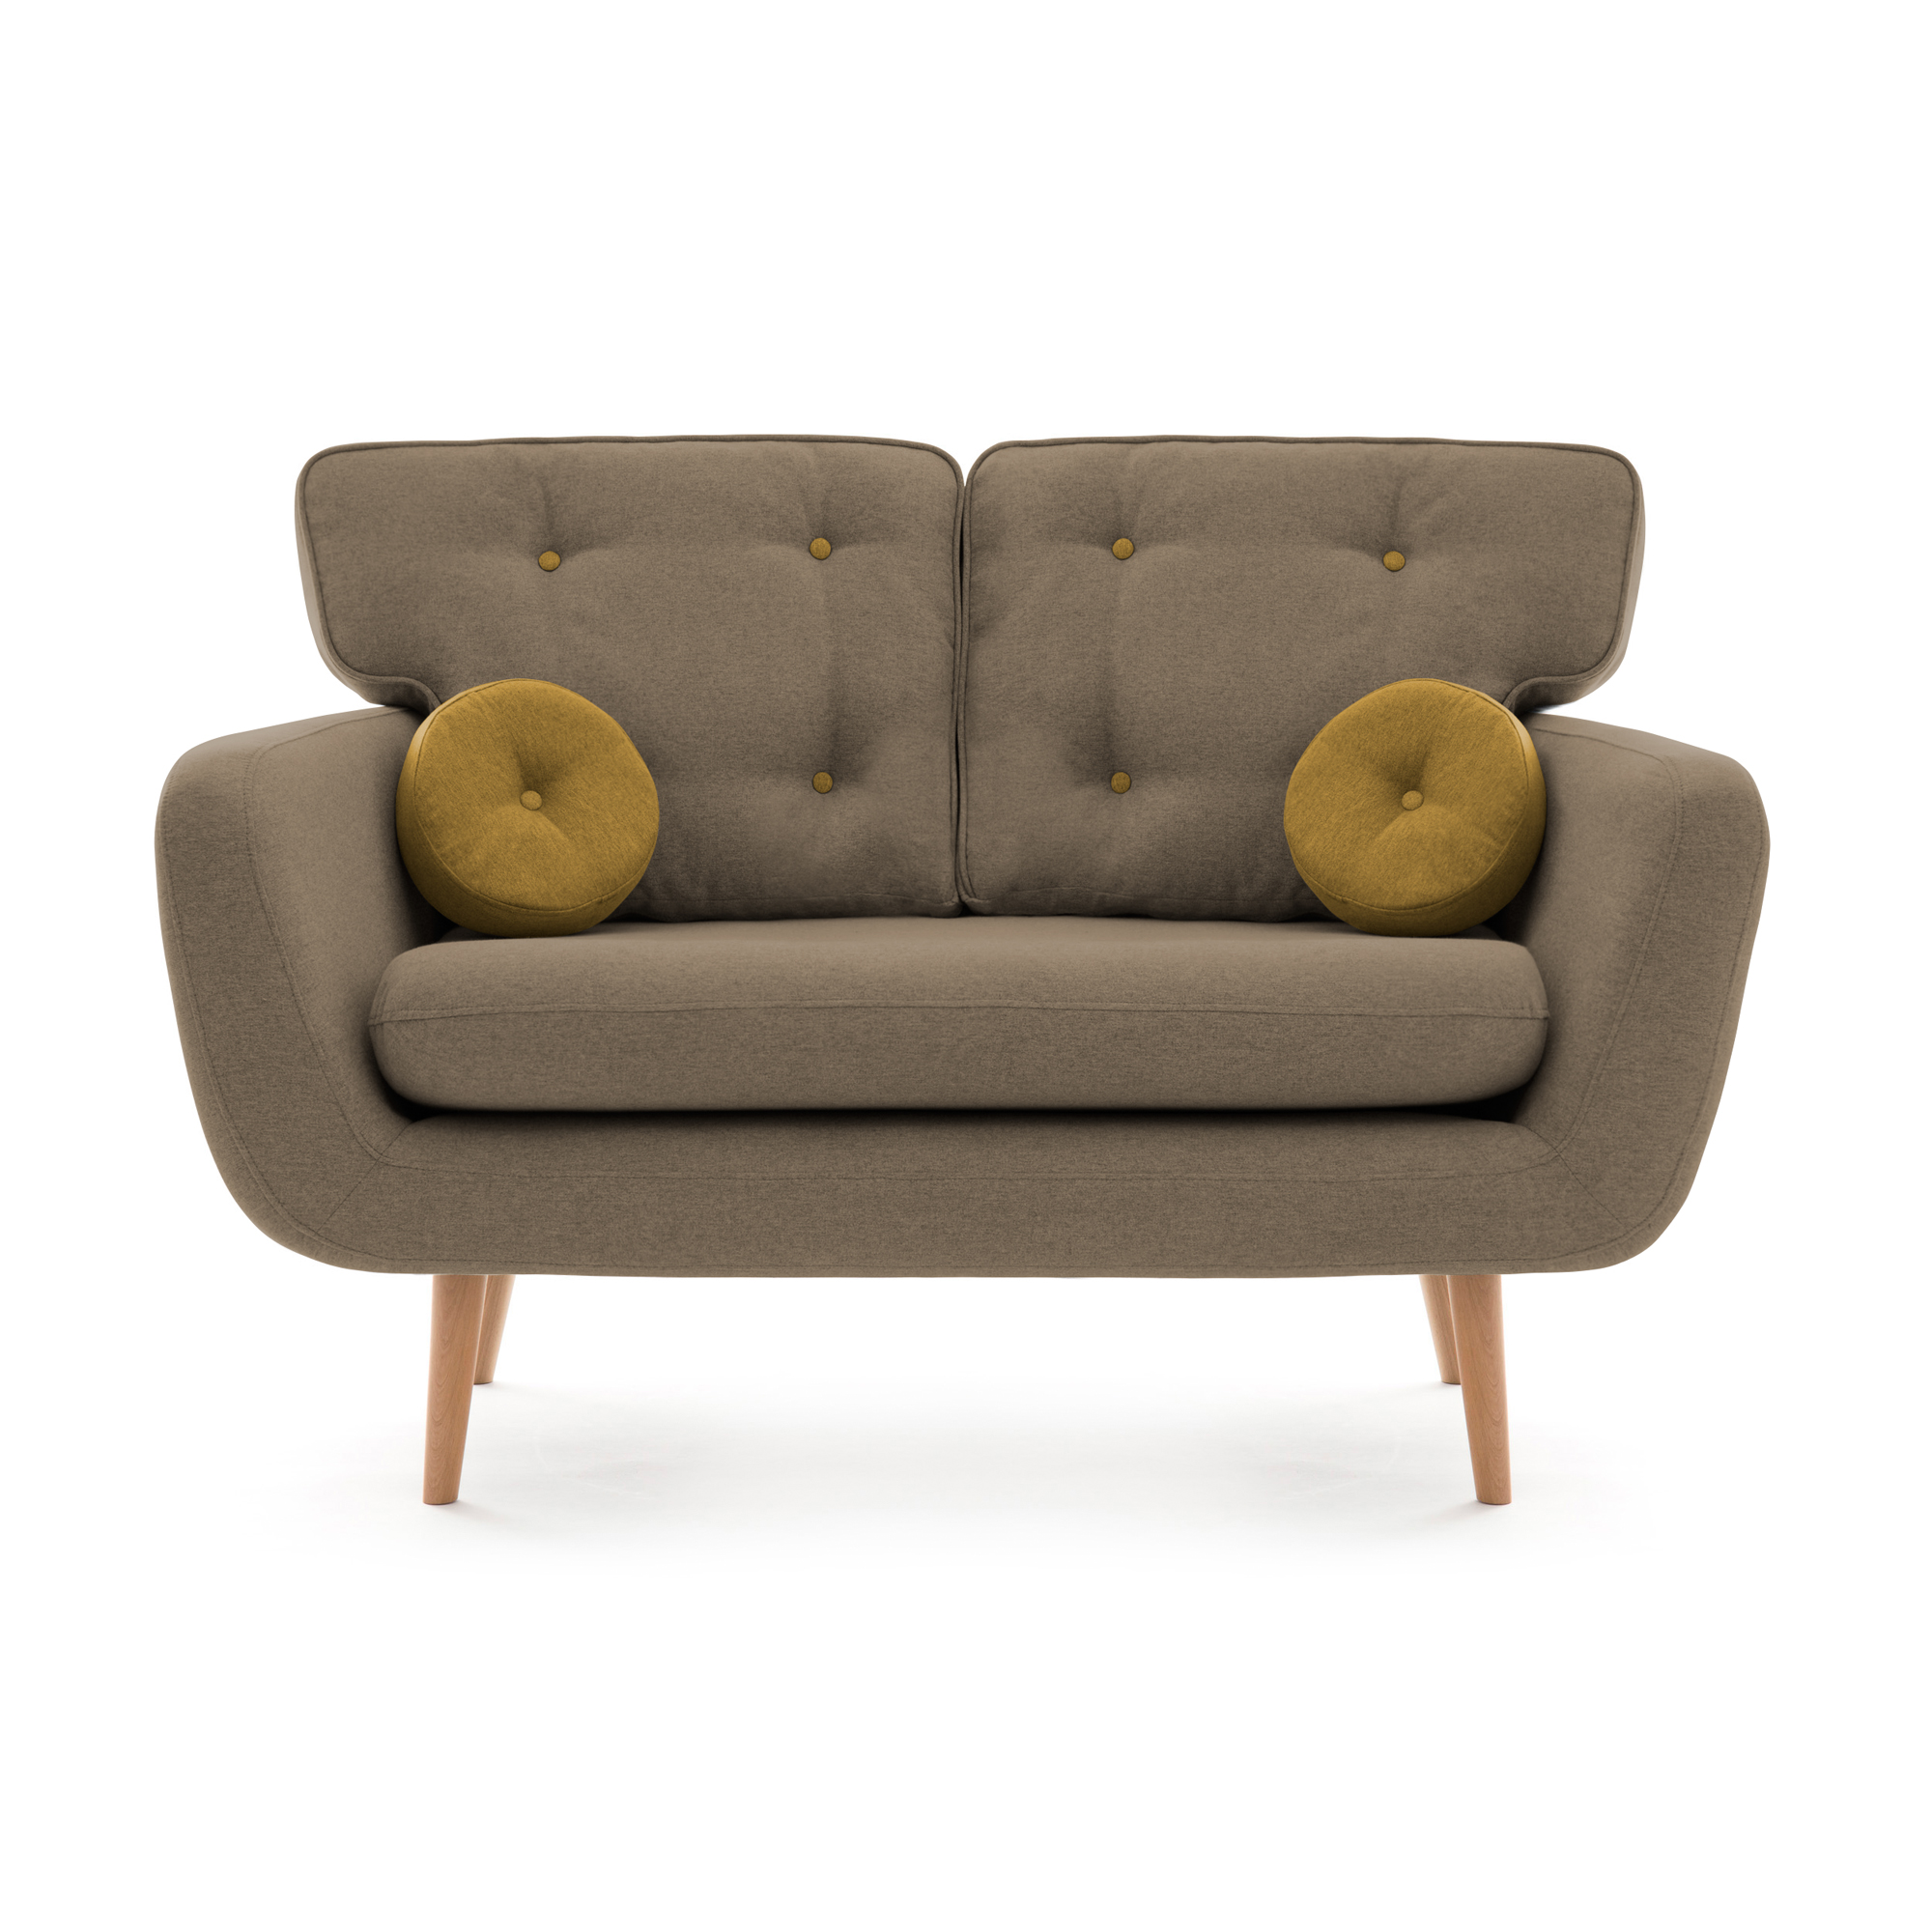 Canapea Fixa 2 locuri Malva Beige